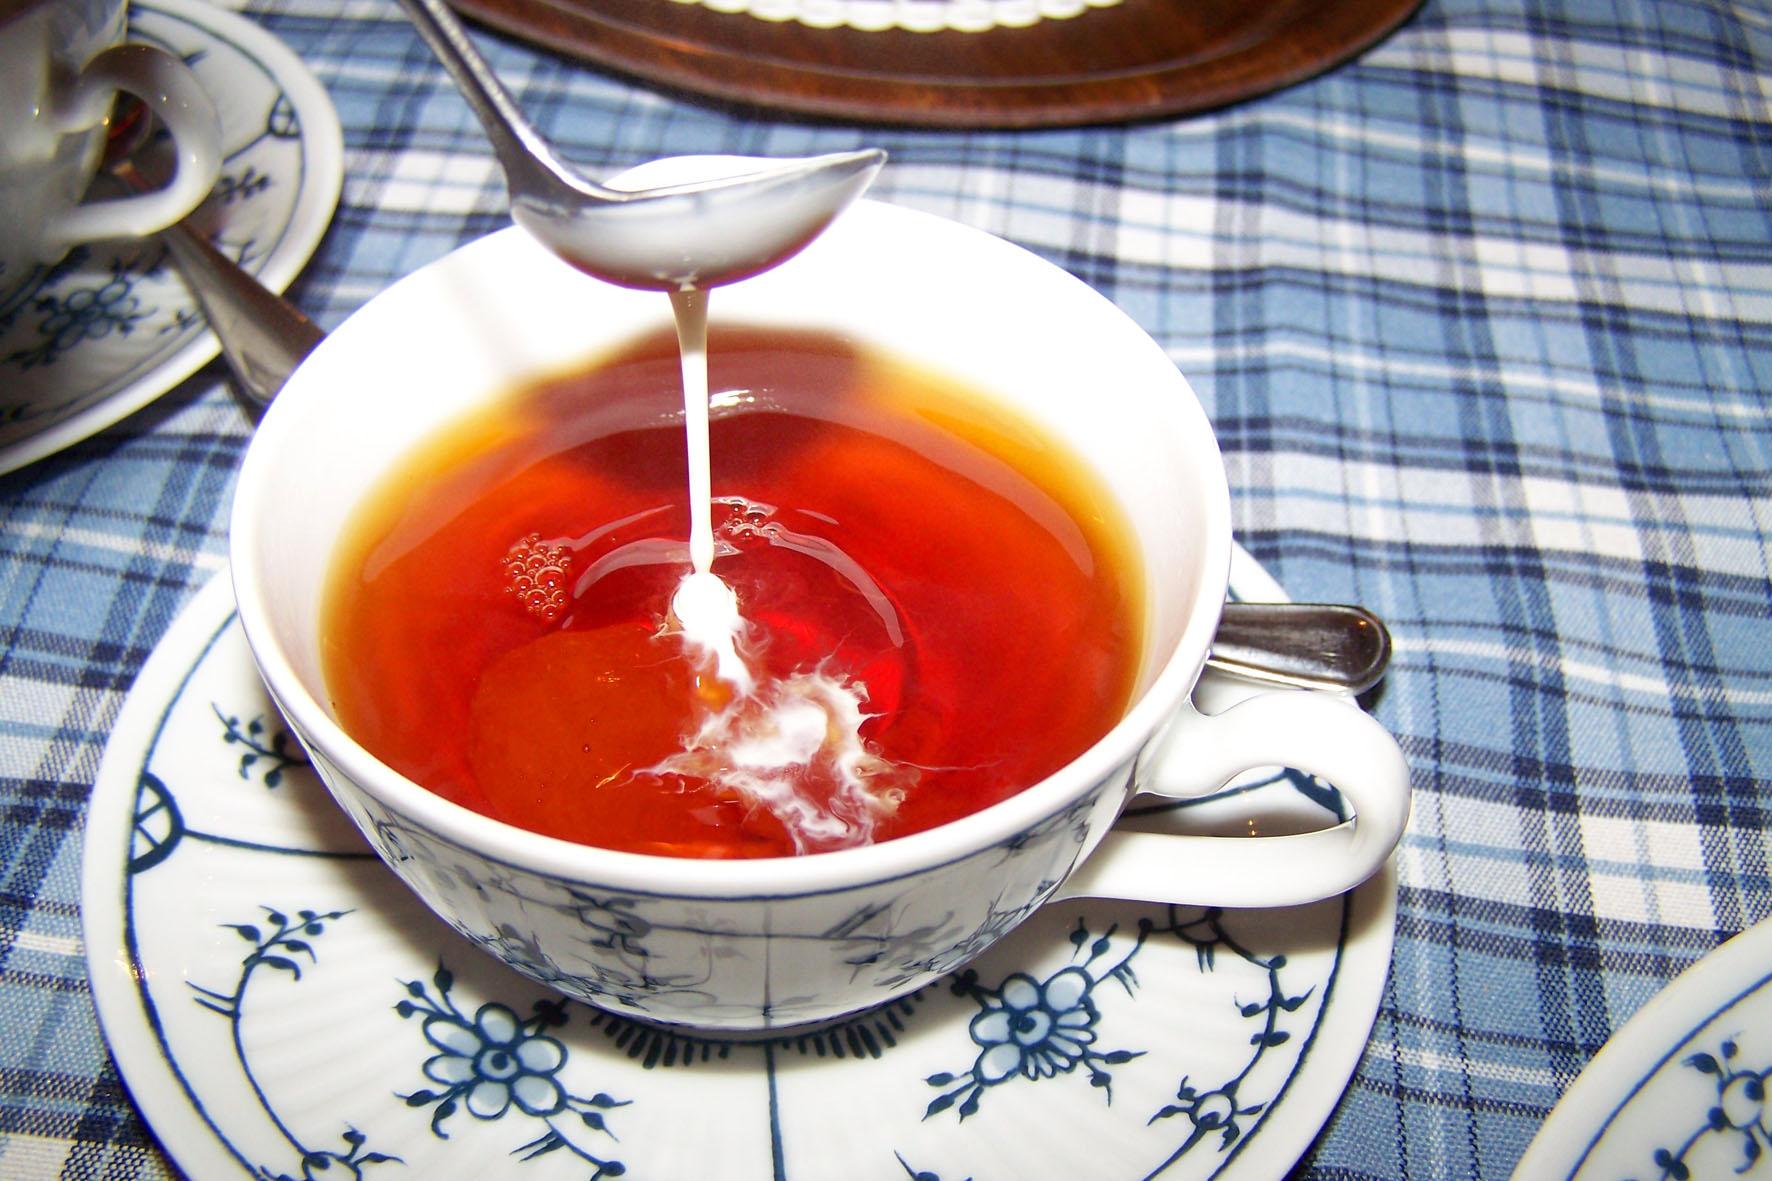 Eine Teezeremonie auf ostfriesische Art steht für Gastlichkeit und Entspannung.